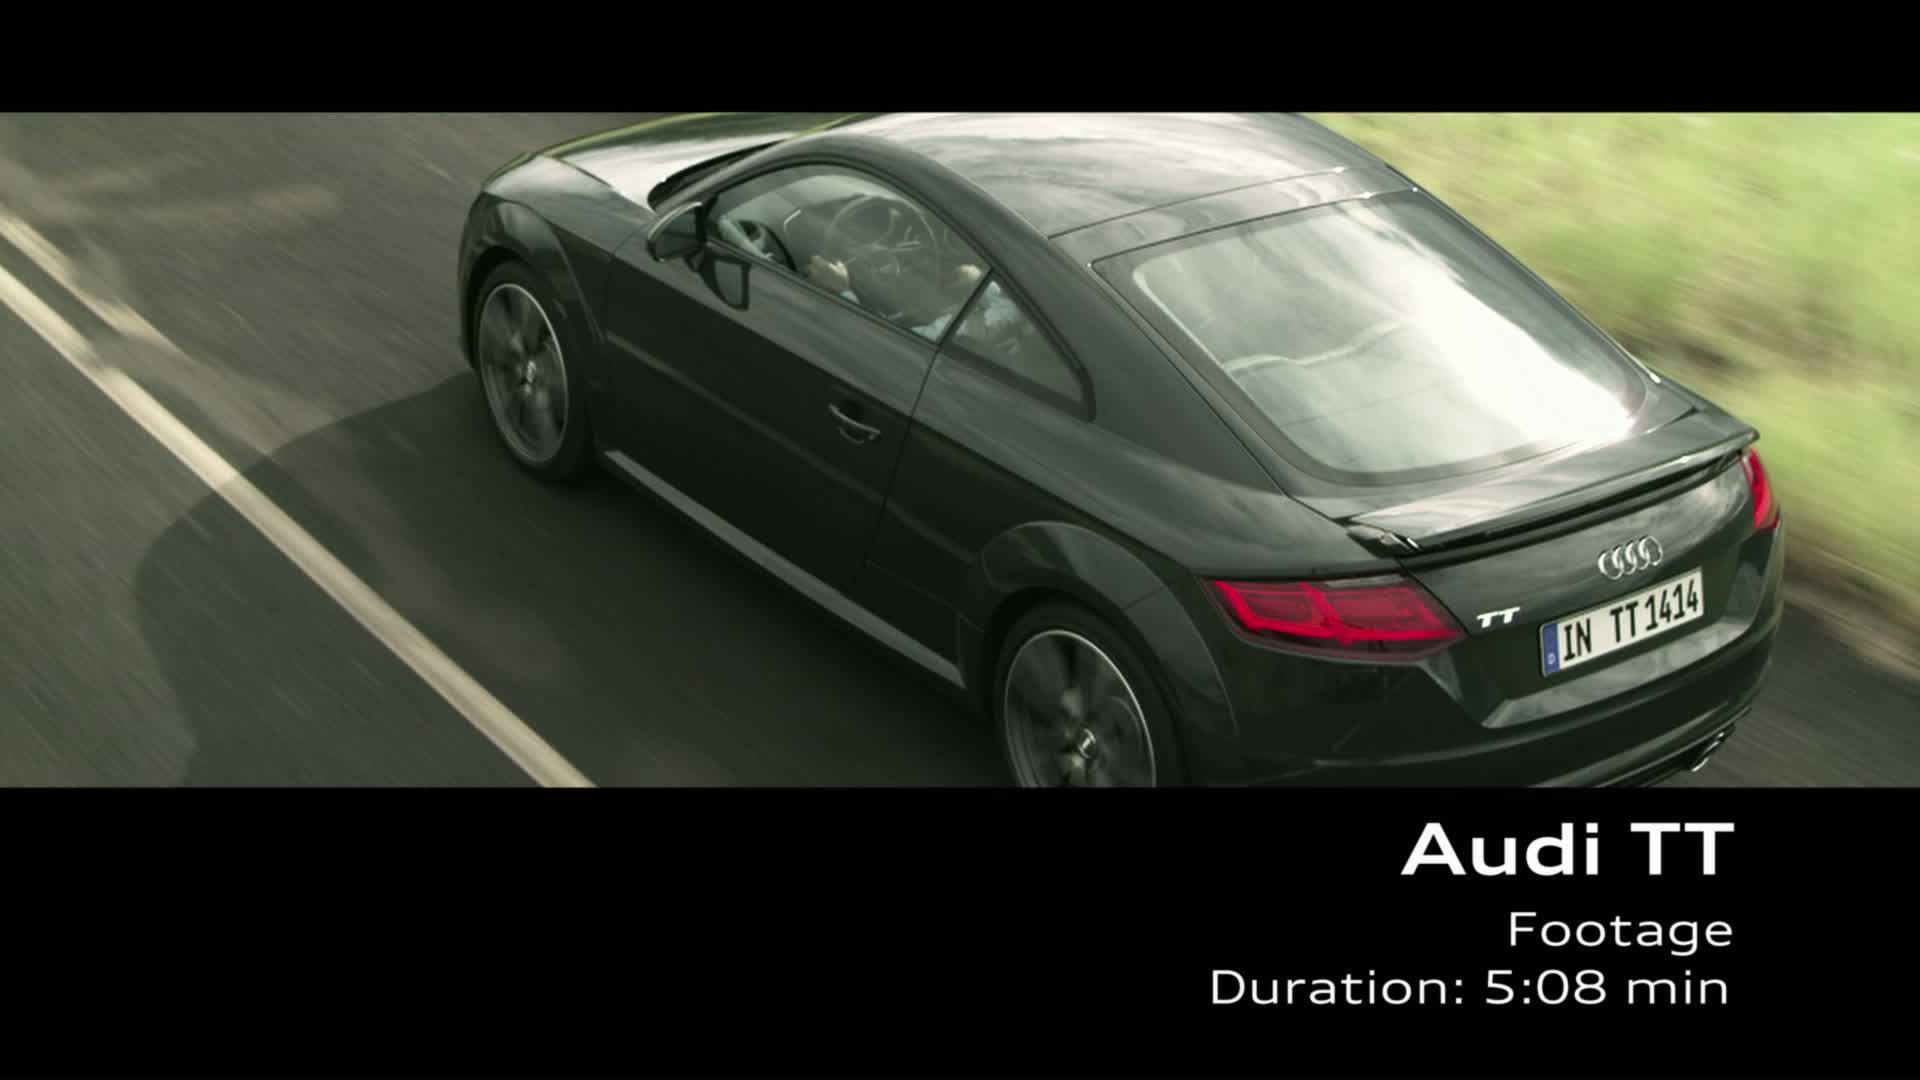 Der Audi TT Coupé - Footage